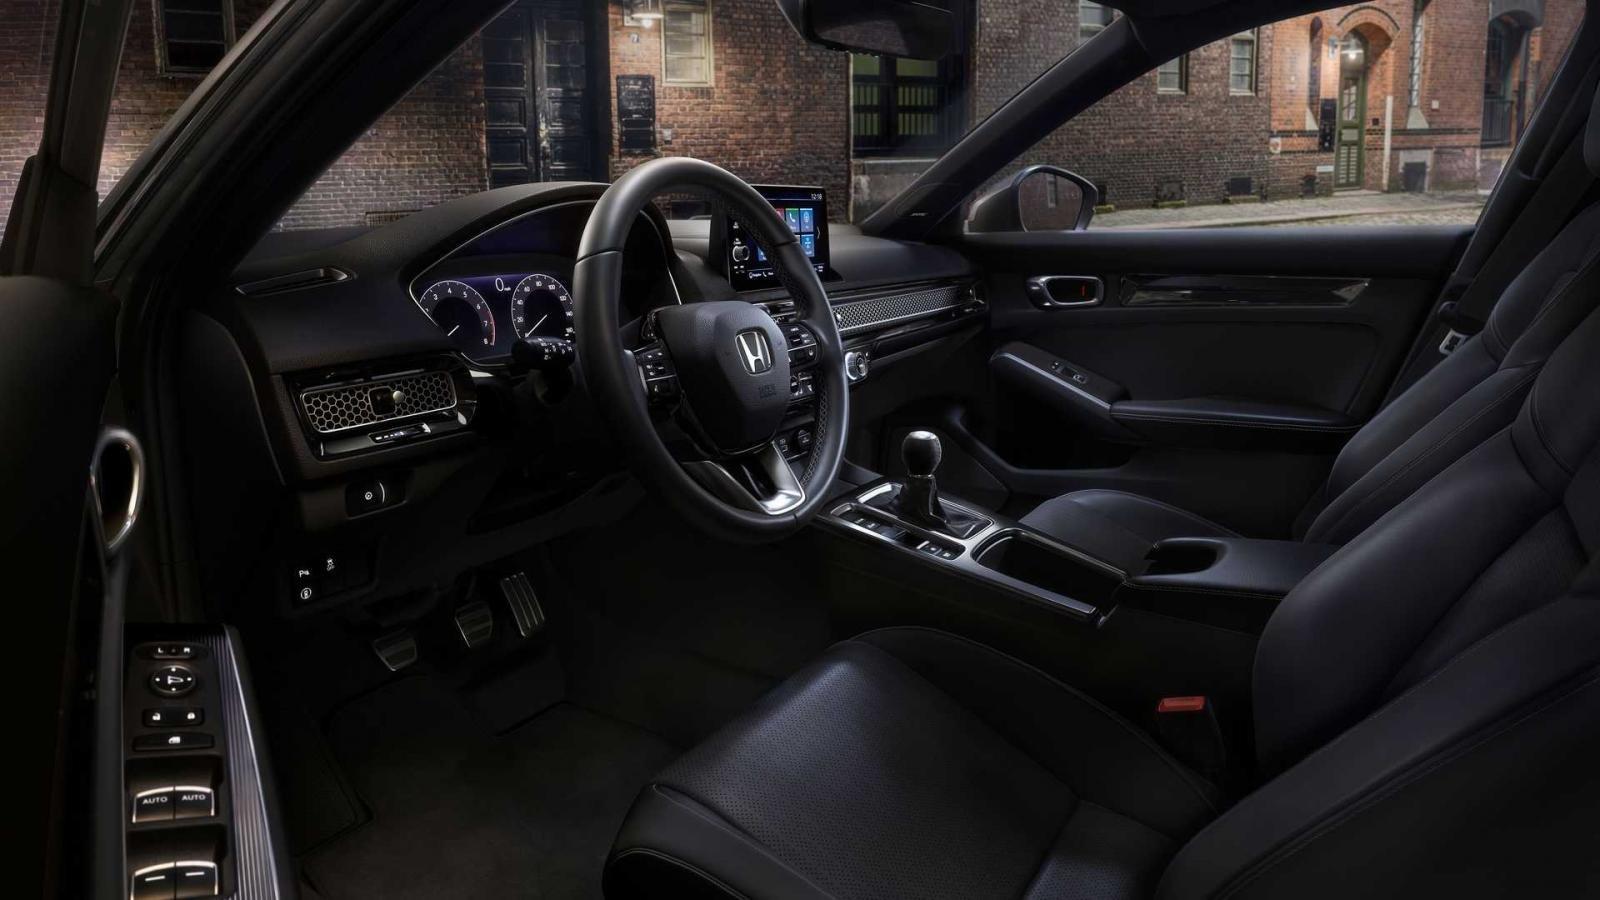 Honda Civic 2022 Hatchback đảm bảo mang đến trải nghiệm lái mượt mà, thoải mái.